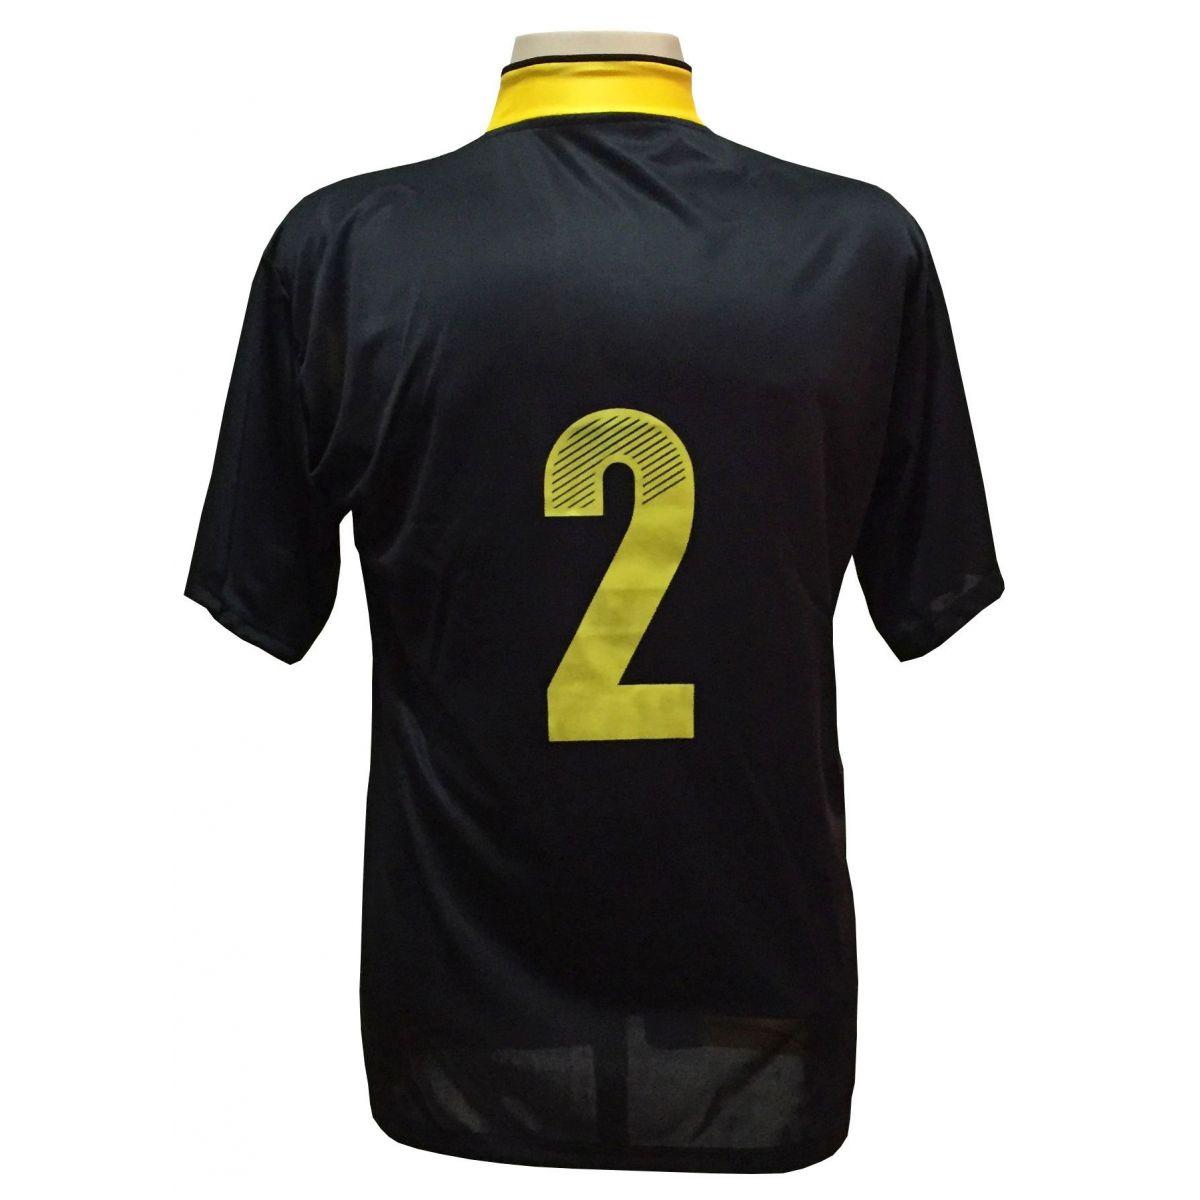 Uniforme Esportivo com 14 Camisas modelo Suécia Preto/Amarelo + 14 Calções modelo Copa Preto/Amarelo